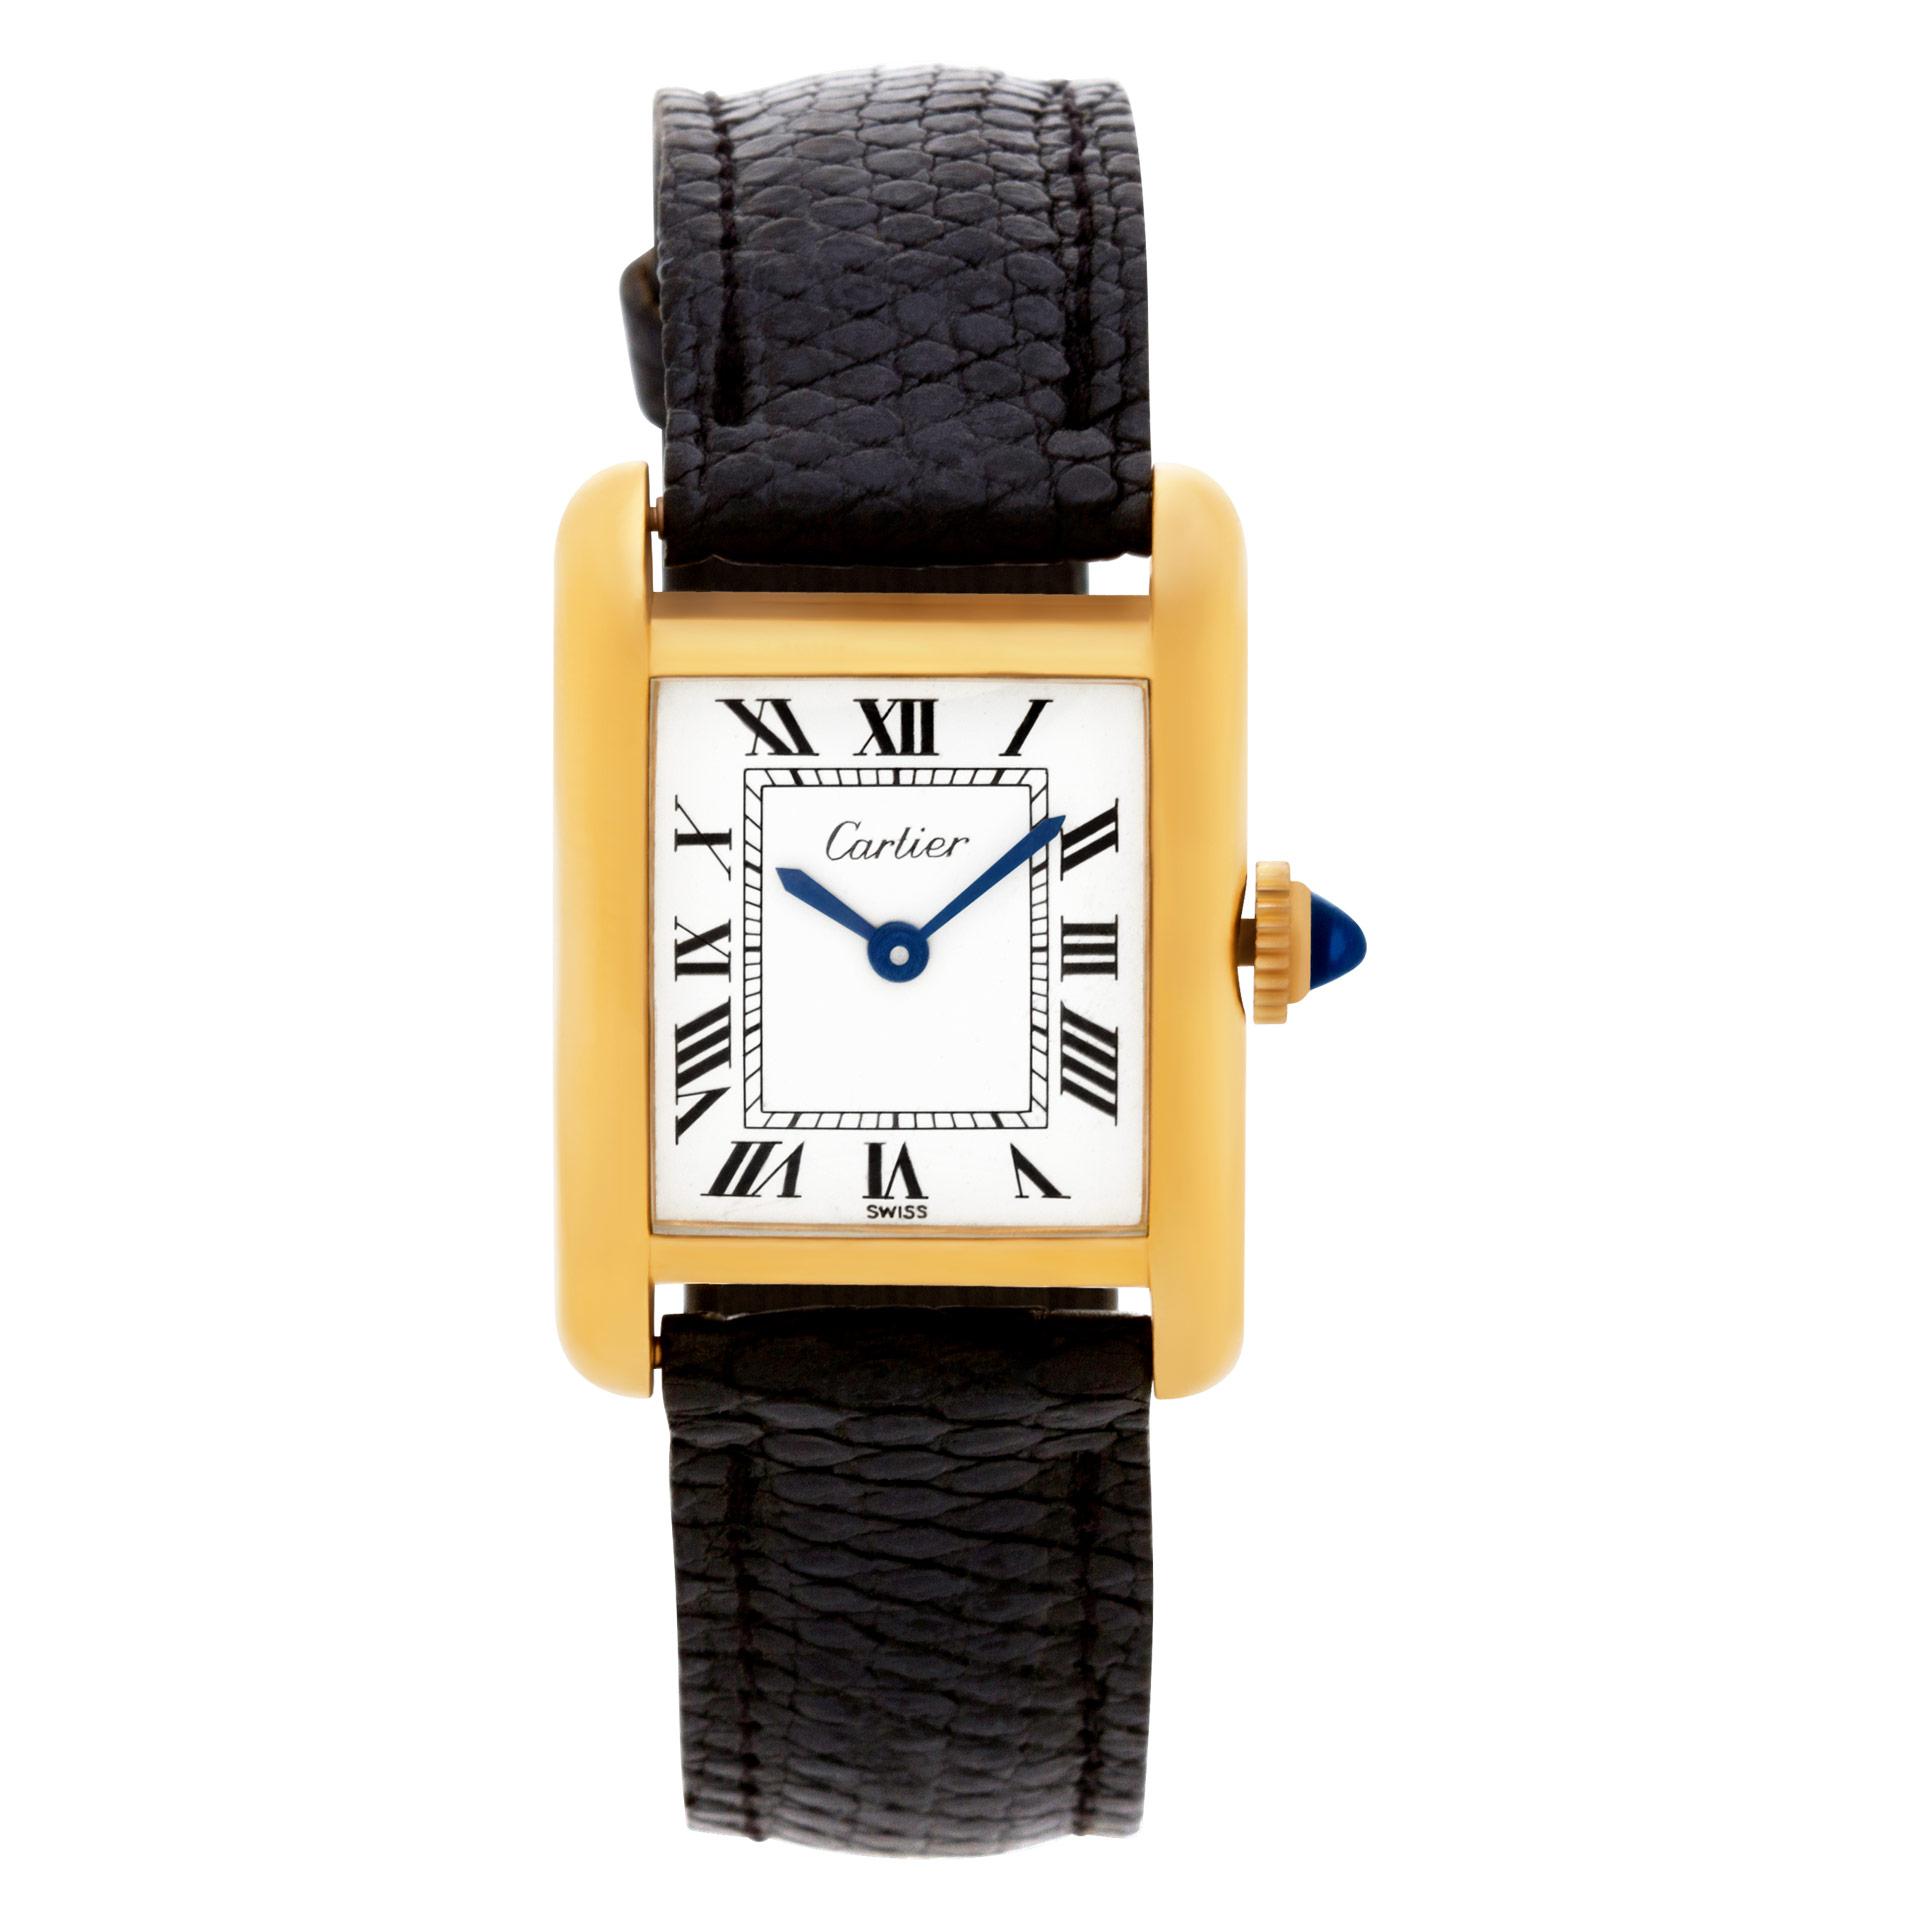 Cartier Tank gold fill 20mm Quartz watch